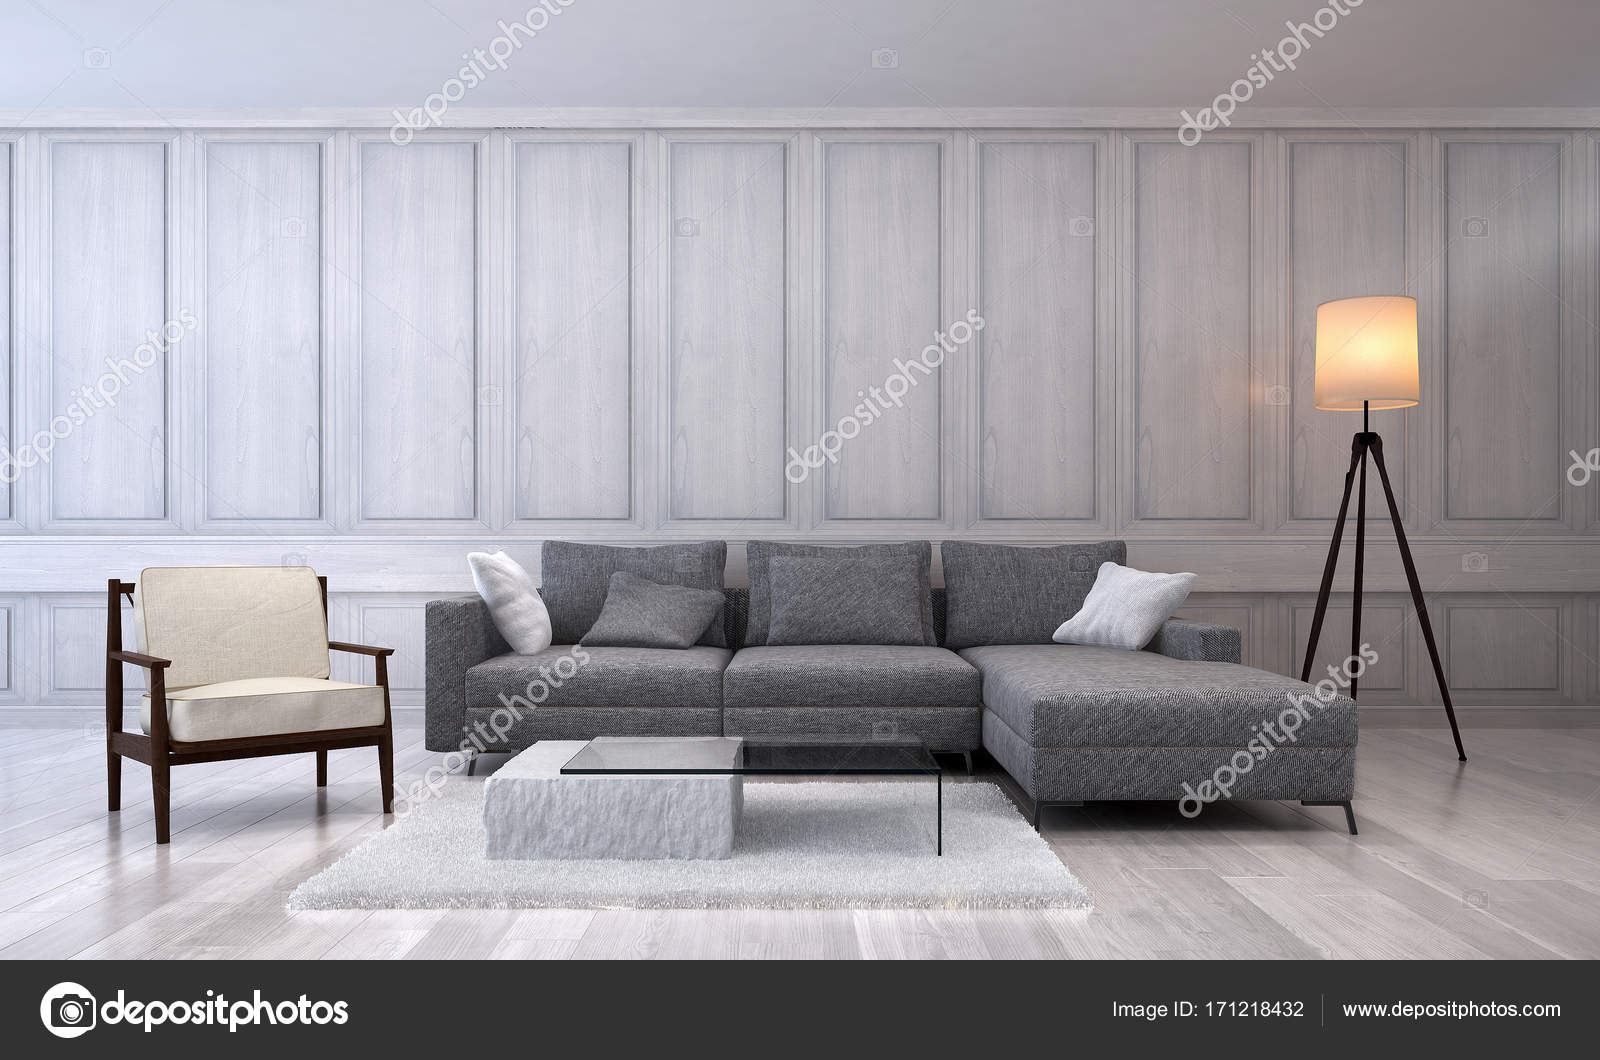 Das Interior Design des modernen Luxus Wohnzimmer und Holz ...